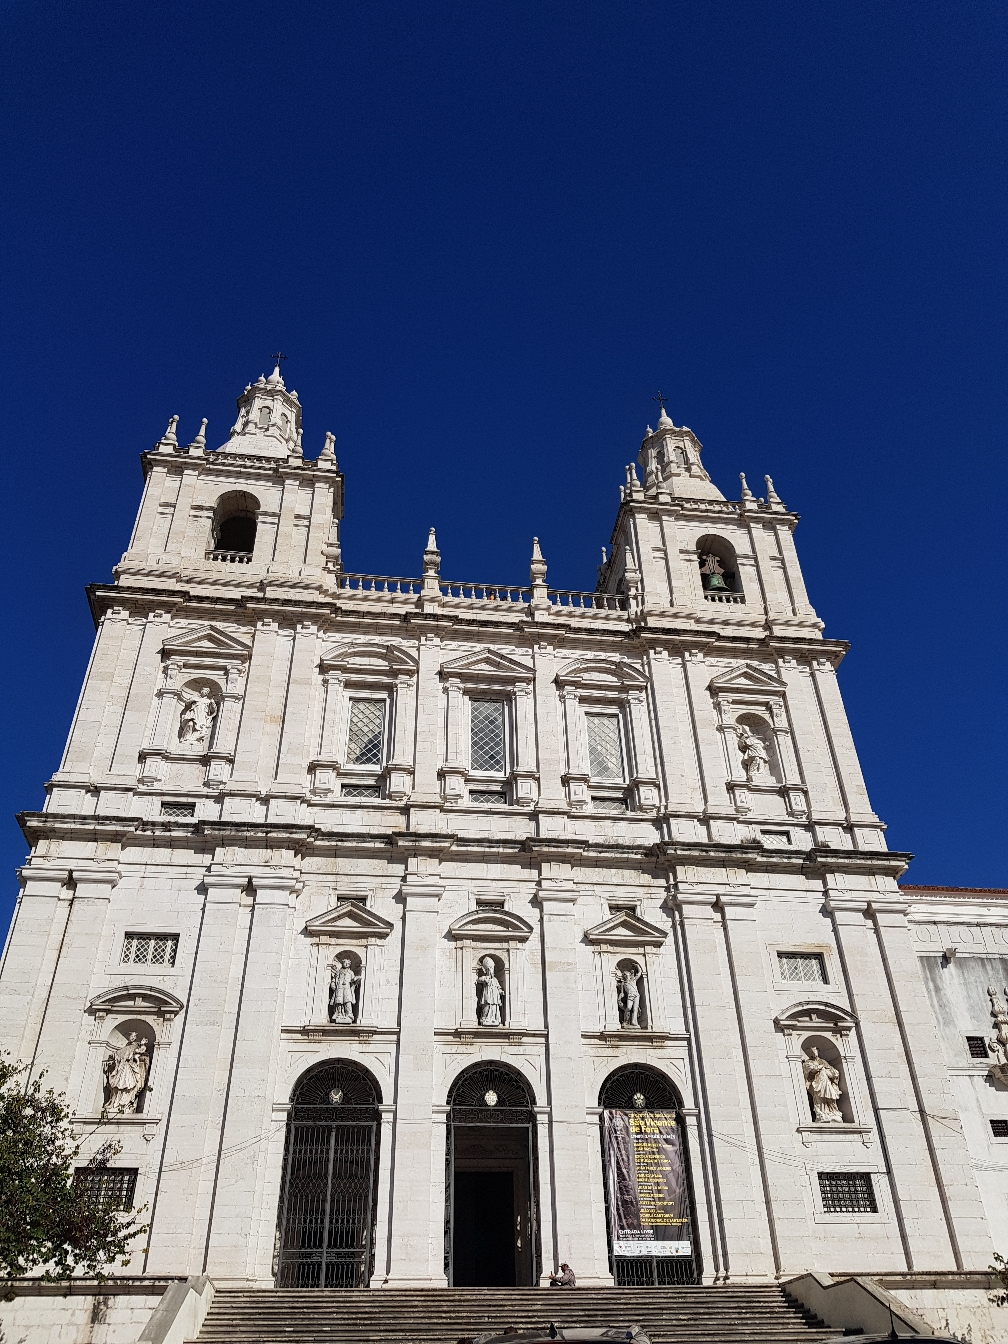 Es folgen ein paar Bilder von Kirchen und deren Innenräume. Leider weiß ich nicht mehr was genau in welcher Kirche war, sodass es nun einfach Bilderfolgen sind. Sorry.